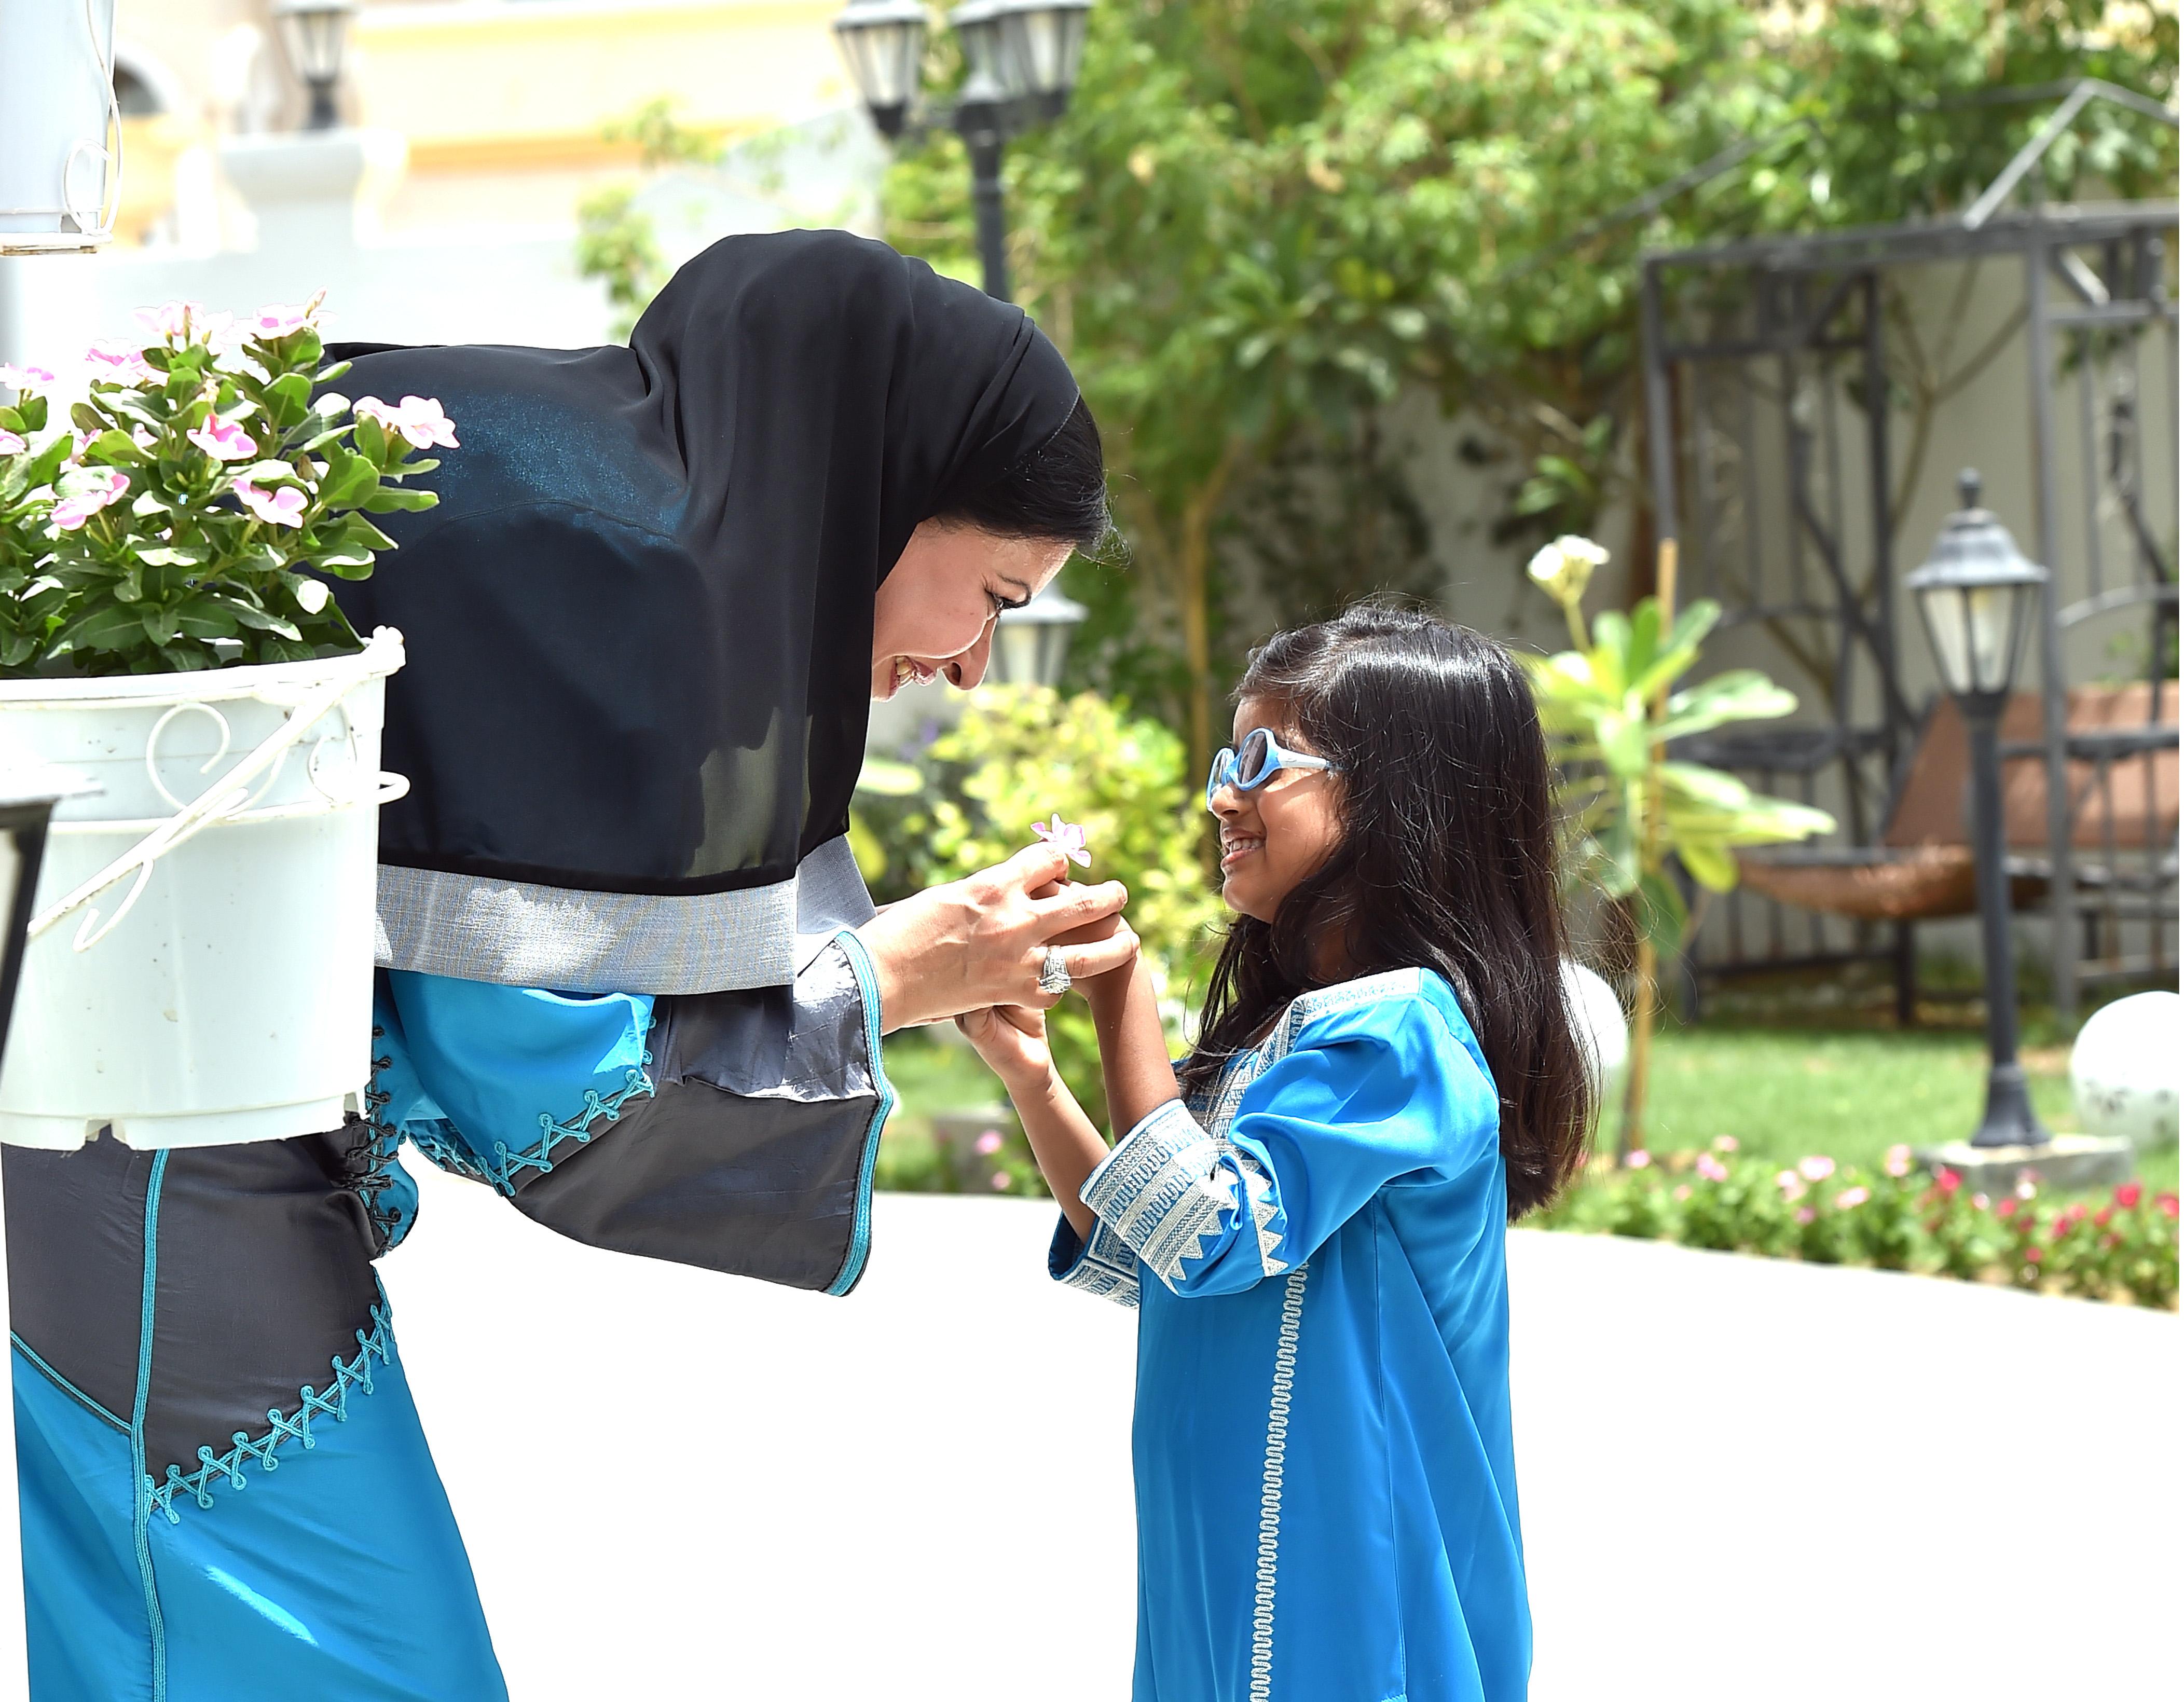 Breaking the adoption taboo in Dubai